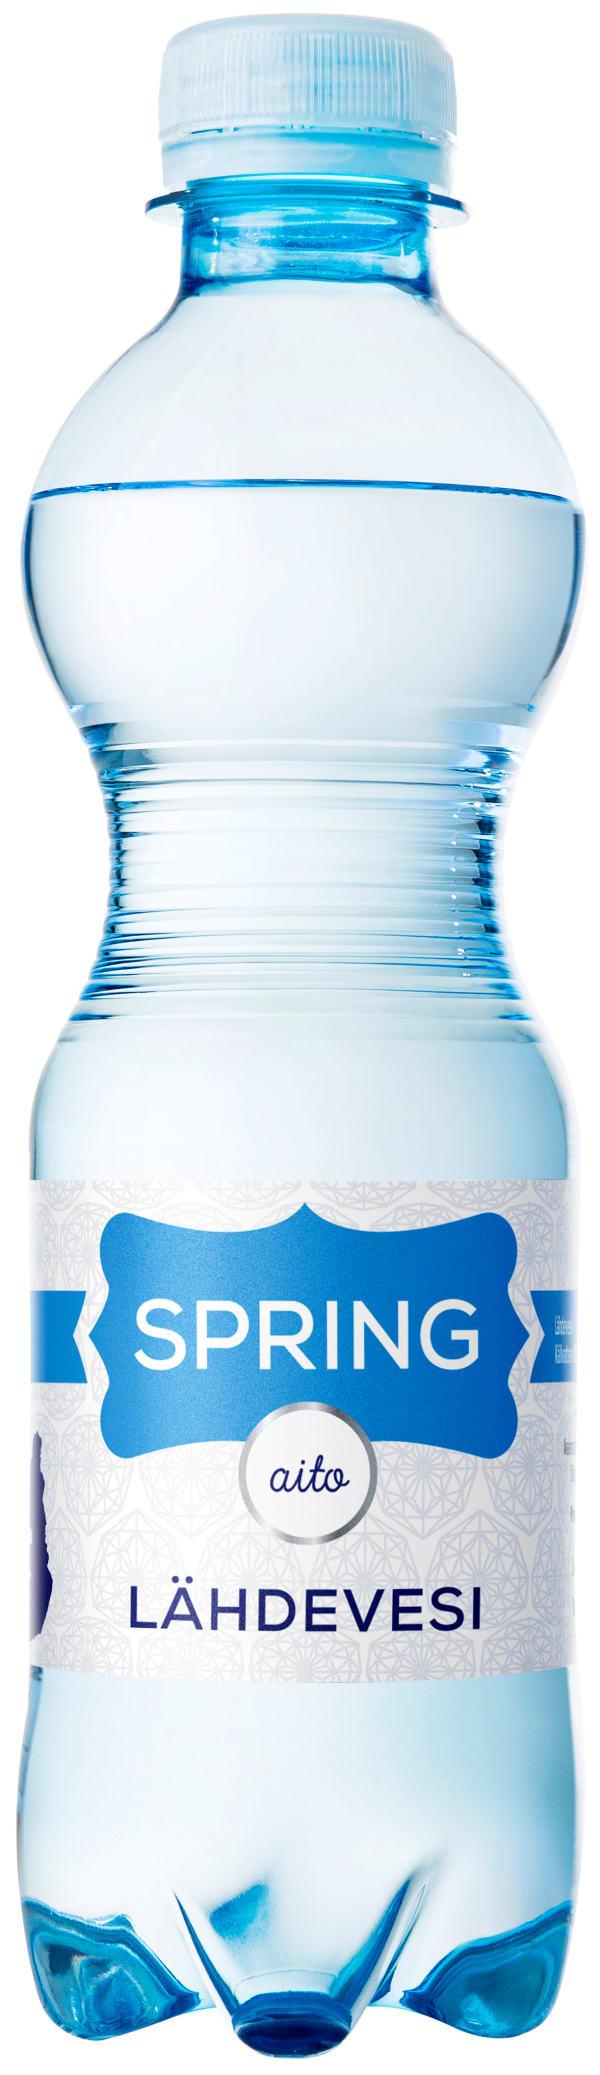 Spring Lähdevesi plastic bottle